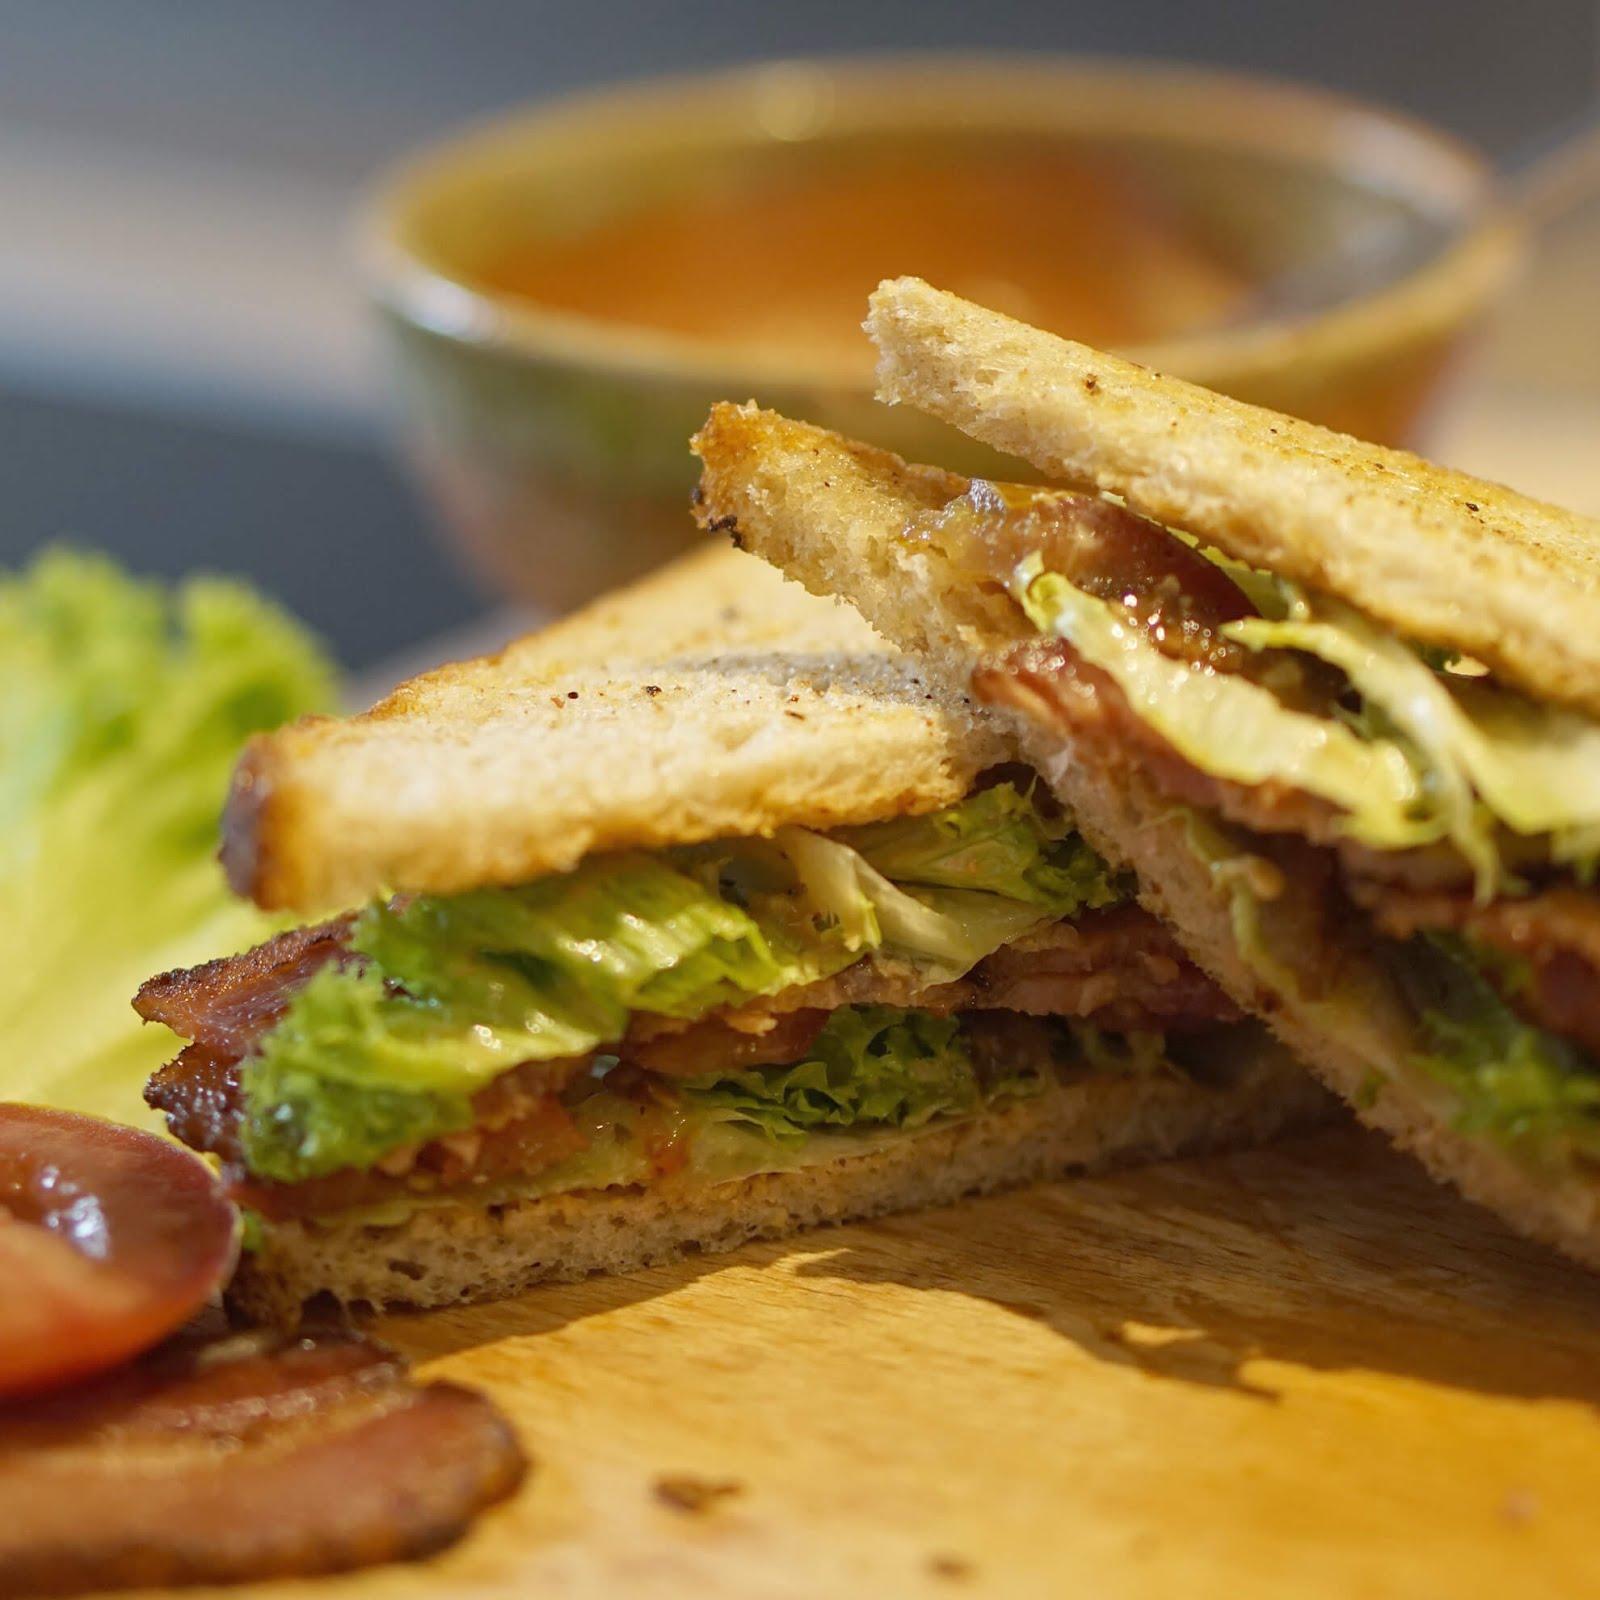 Gegrilltes Bacon-Sandwich mit Tomate und Salat aka BLT Sandwich